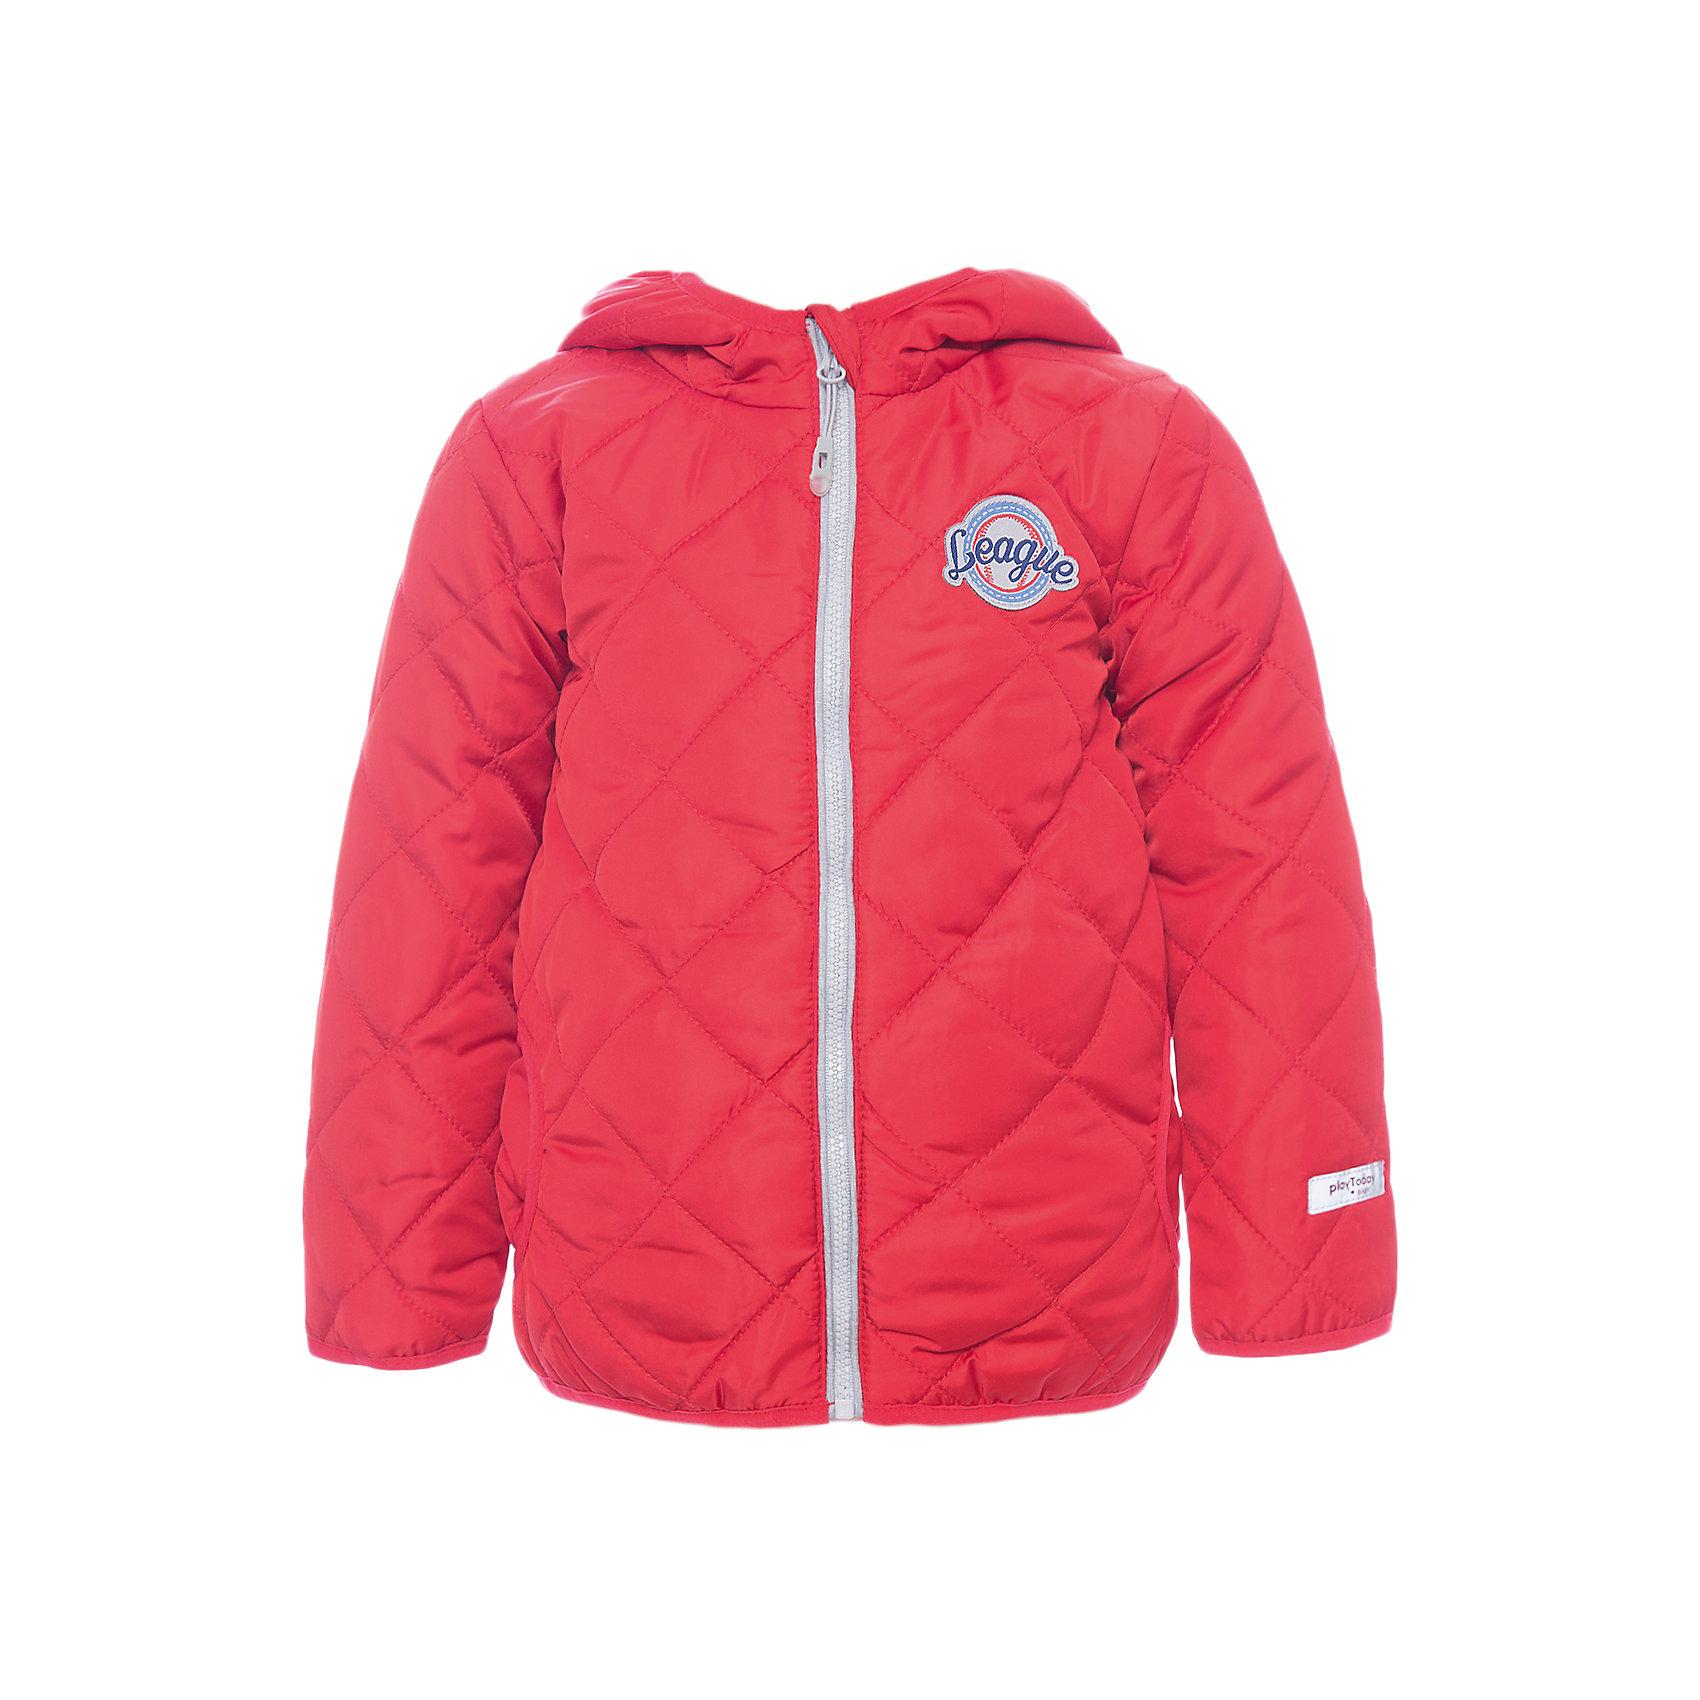 Куртка для мальчика PlayTodayВерхняя одежда<br>Характеристики товара:<br><br>• цвет: красный<br>• состав: 100% полиэстер<br>• подкладка: 80% хлопок, 20% полиэстер<br>• утеплитель: 100% полиэстер, 150 г/м2<br>• температурный режим: от +0°С до +15°С<br>• сезон: демисезон<br>• стеганая<br>• водоотталкивающая пропитка<br>• два кармана по бокам<br>• молния с защитой подбородка<br>• эластичные манжеты<br>• капюшон на отстегивается<br>• светоотражающие элементы на рукавах и по низу изделия<br>• страна бренда: Германия<br>• страна производства: Китай<br><br>Стеганая куртка с капюшоном для мальчика PlayToday. Утепленная куртка - прекрасное решение для прохладной погоды. Мягкие трикотажные резинки на рукавах защитят ребенка - ветер не сможет проникнуть под куртку.  Специальный карман для фиксации застежки-молнии не позволит застежке травмировать нежную детскую кожу. <br><br>Мягкая резинка на капюшоне не позволит ему упасть с головы вашего ребенка даже во время активных игр. Модель снабжена светоотражателями на рукаве и по низу изделия - ребенок будет виден даже в темное время суток.<br><br>Куртку для мальчика от известного бренда PlayToday можно купить в нашем интернет-магазине.<br><br>Ширина мм: 356<br>Глубина мм: 10<br>Высота мм: 245<br>Вес г: 519<br>Цвет: красный<br>Возраст от месяцев: 12<br>Возраст до месяцев: 15<br>Пол: Мужской<br>Возраст: Детский<br>Размер: 80,92,74,86<br>SKU: 5407695